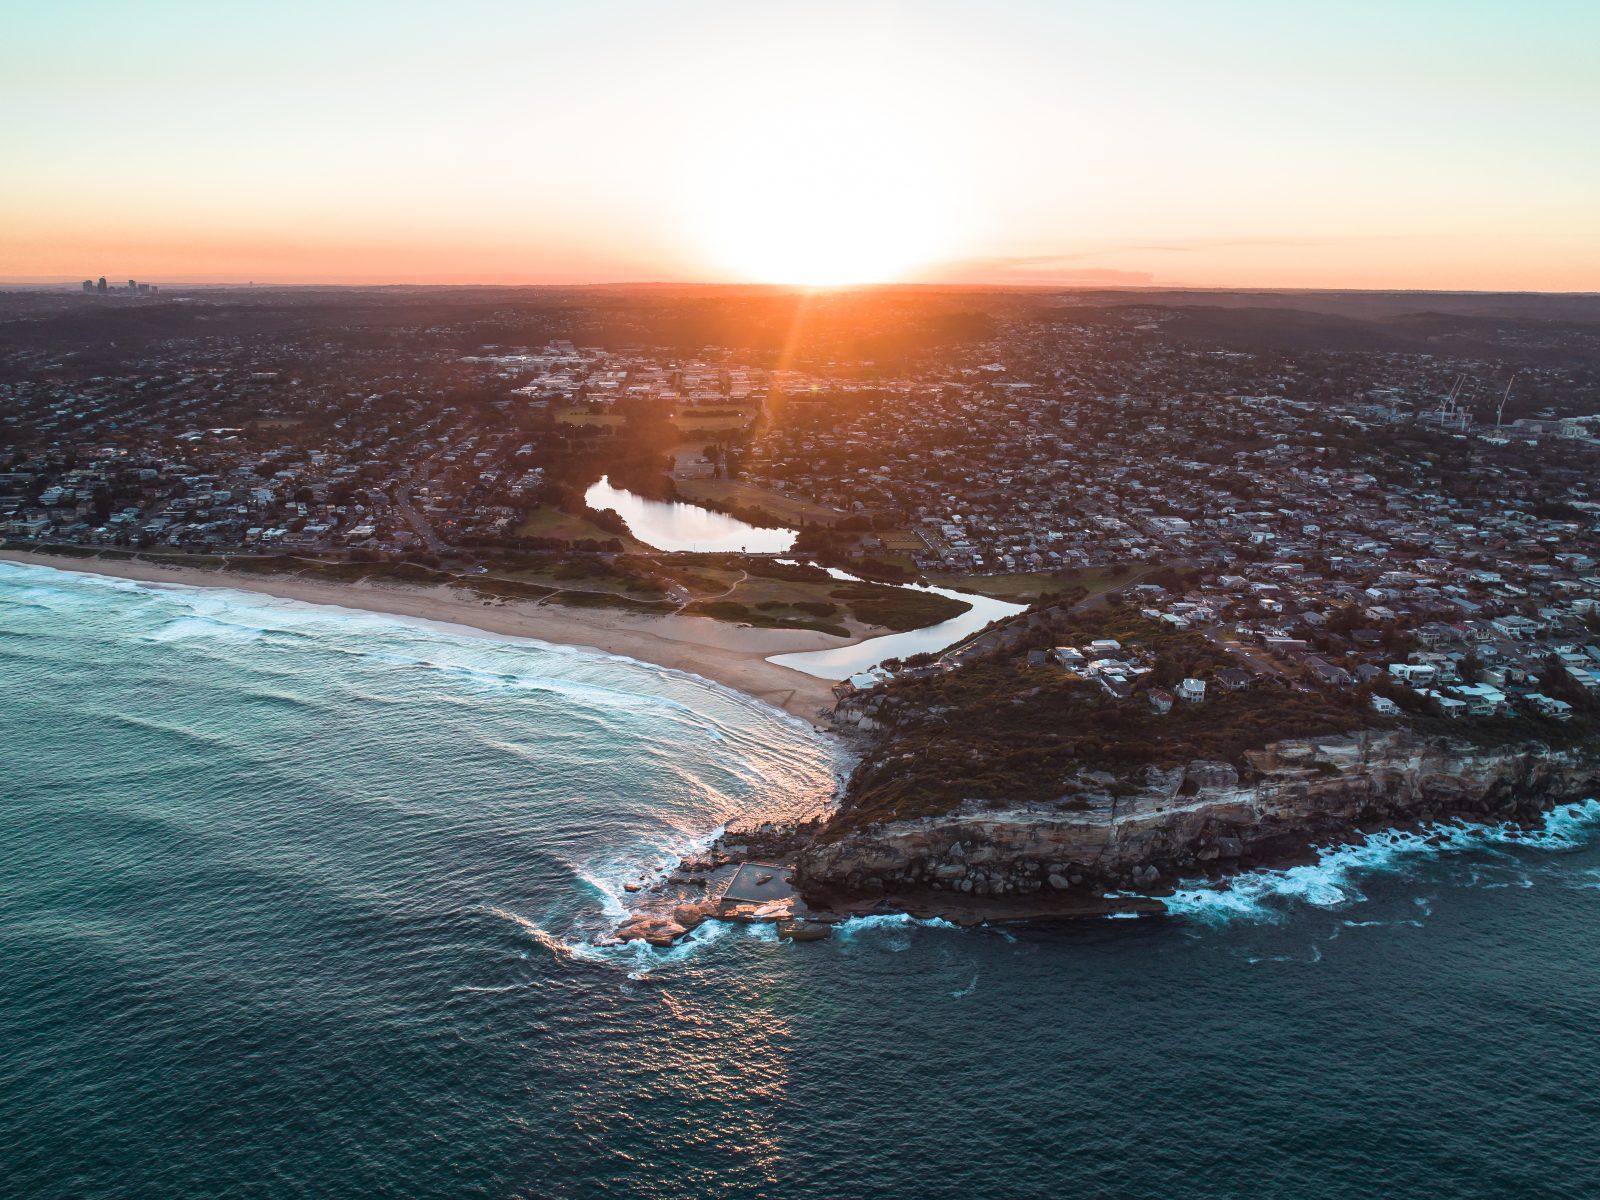 East Coast of Australia sundown